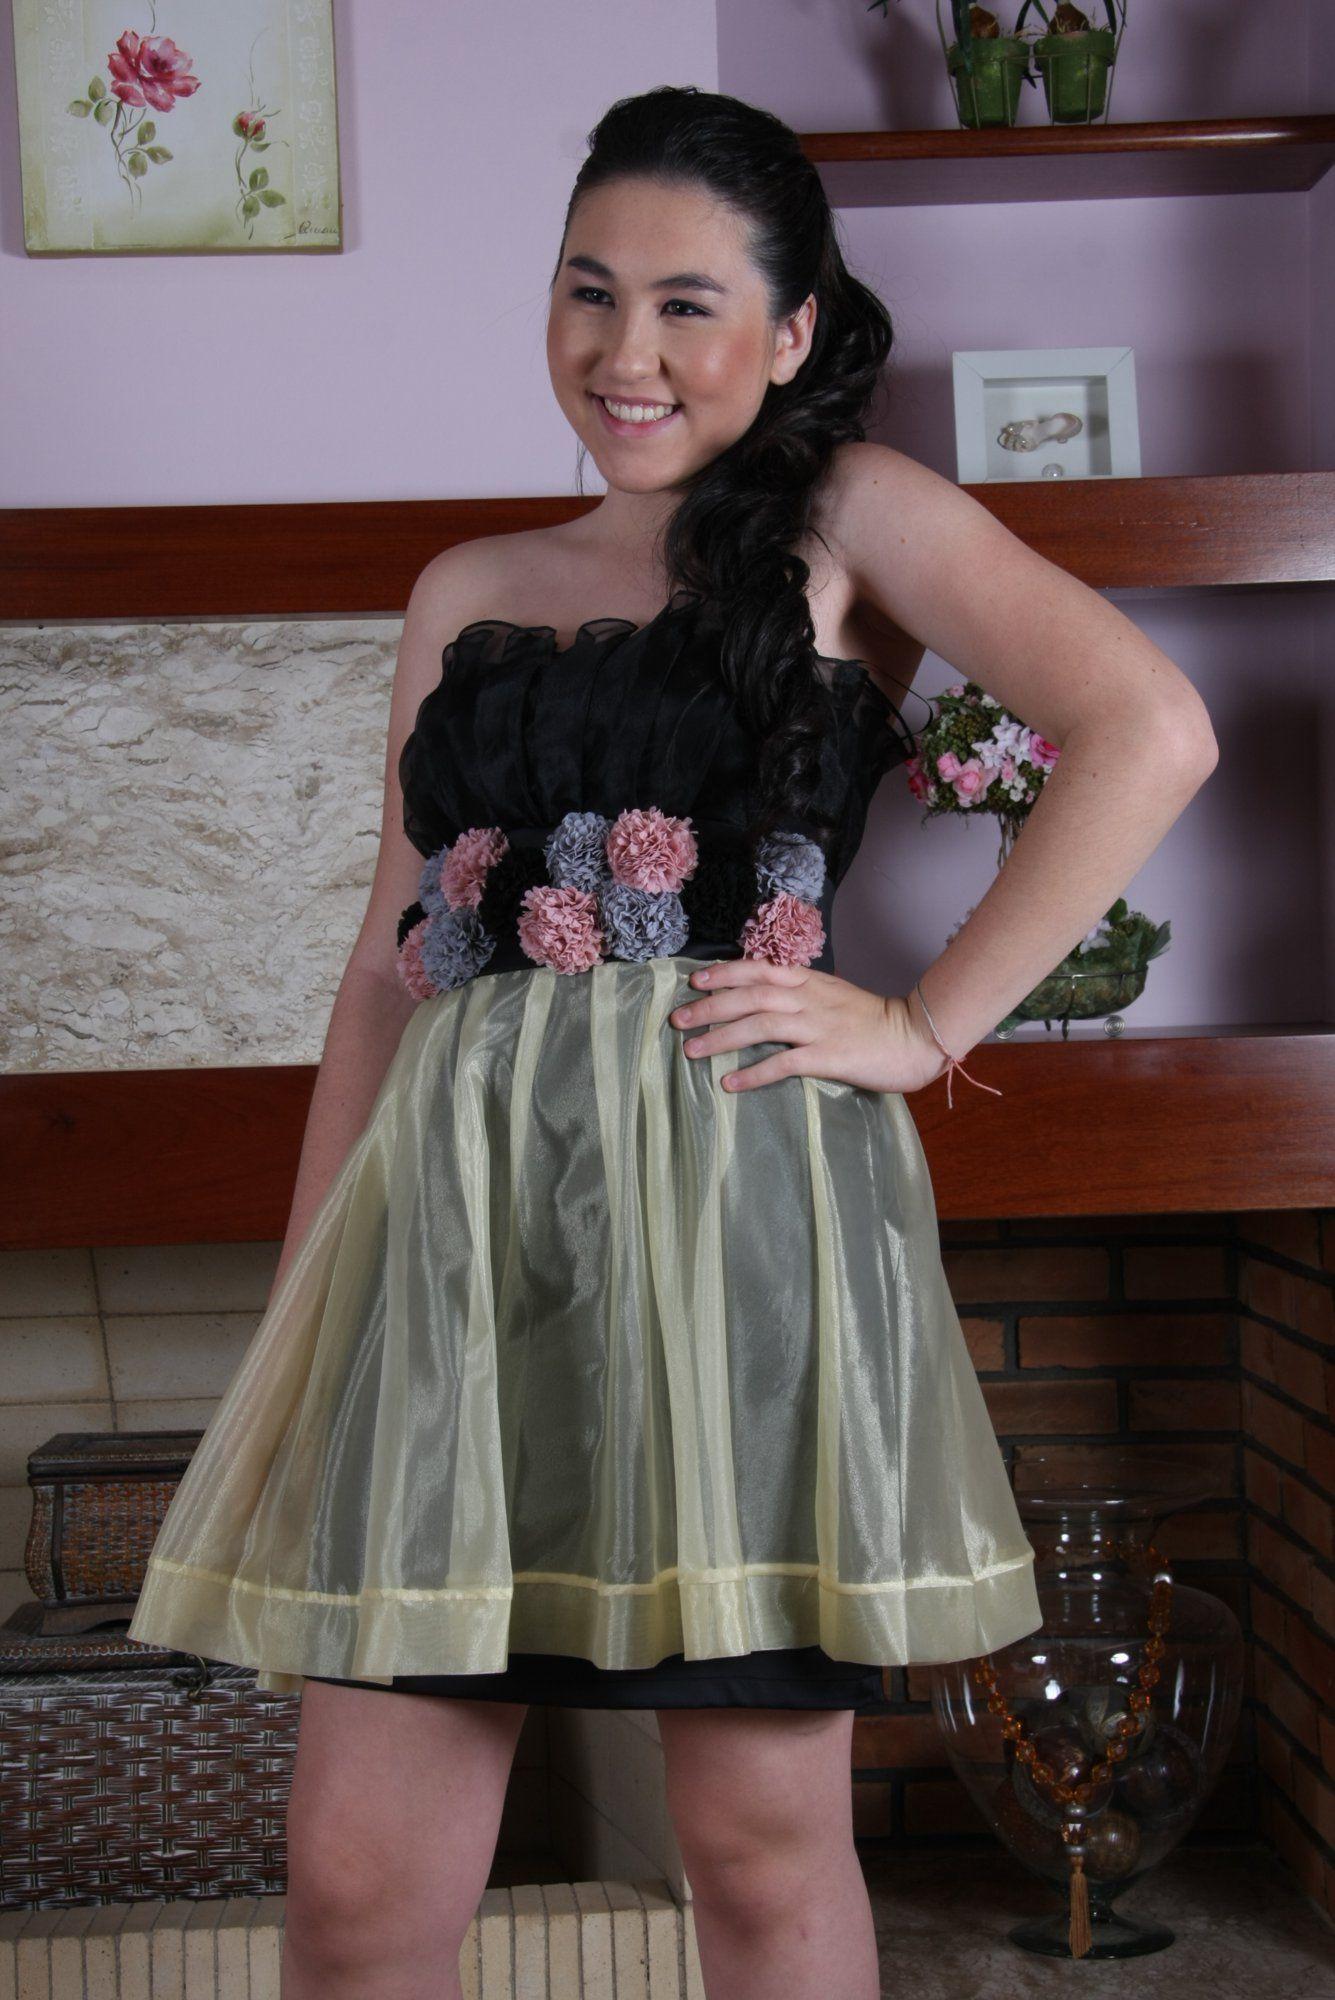 Vestido de Debutante Outros Modelos - 4 - Hipnose Alta Costura e Spa para Noivas e Noivos - Campinas - SP Vestido de Debutante, Vestido de Debutante Outros Modelos, Hipnose Alta Costura